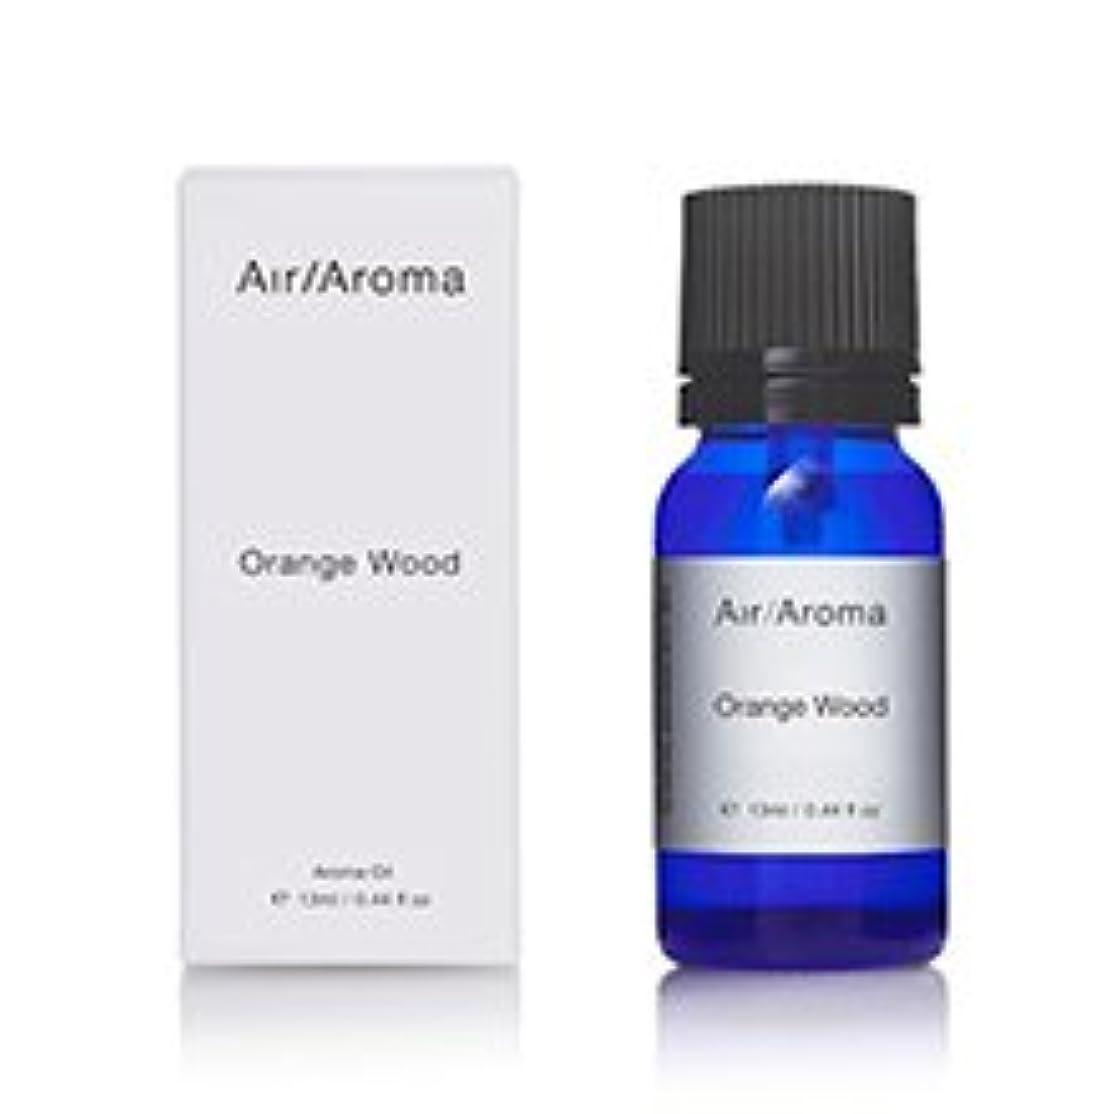 傾向がある無数の受動的エアアロマ orange wood(オレンジウッド)13ml